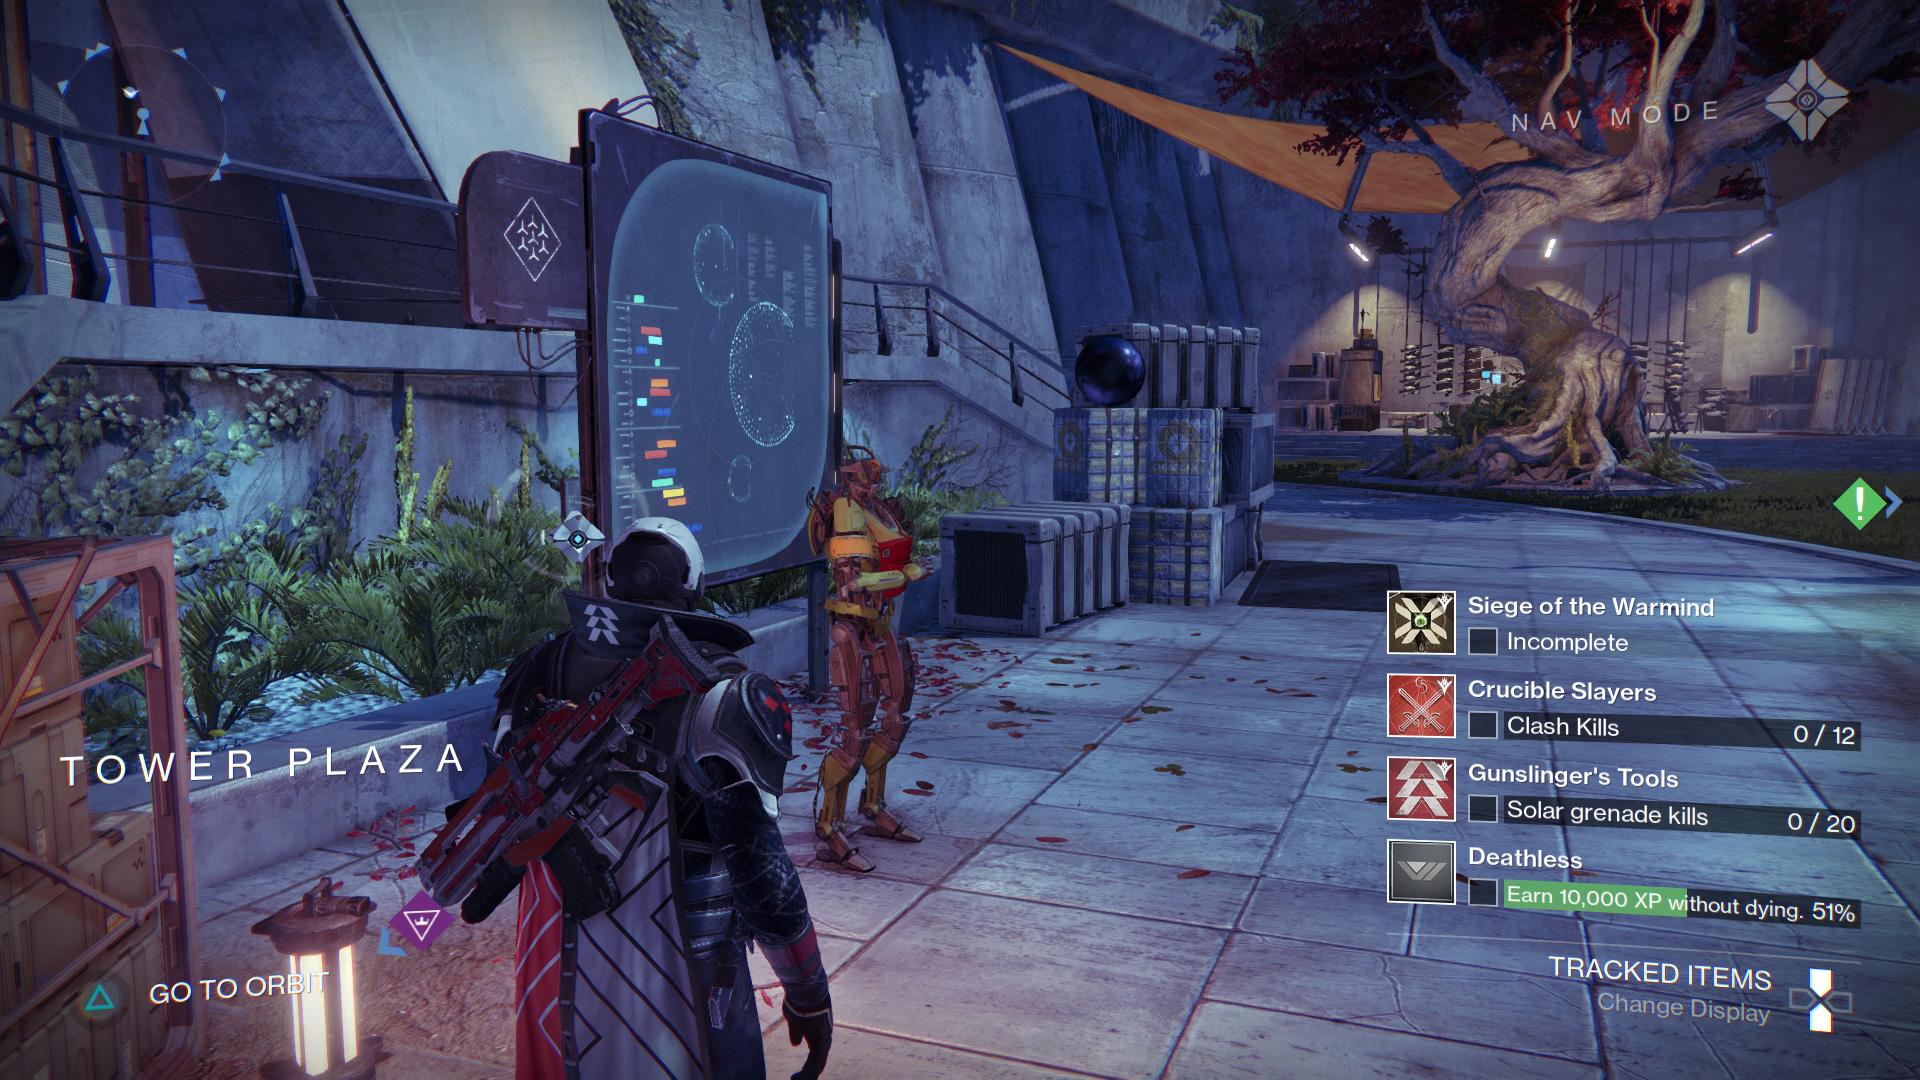 Destiny: The Taken King - quest interface screenshot 1920